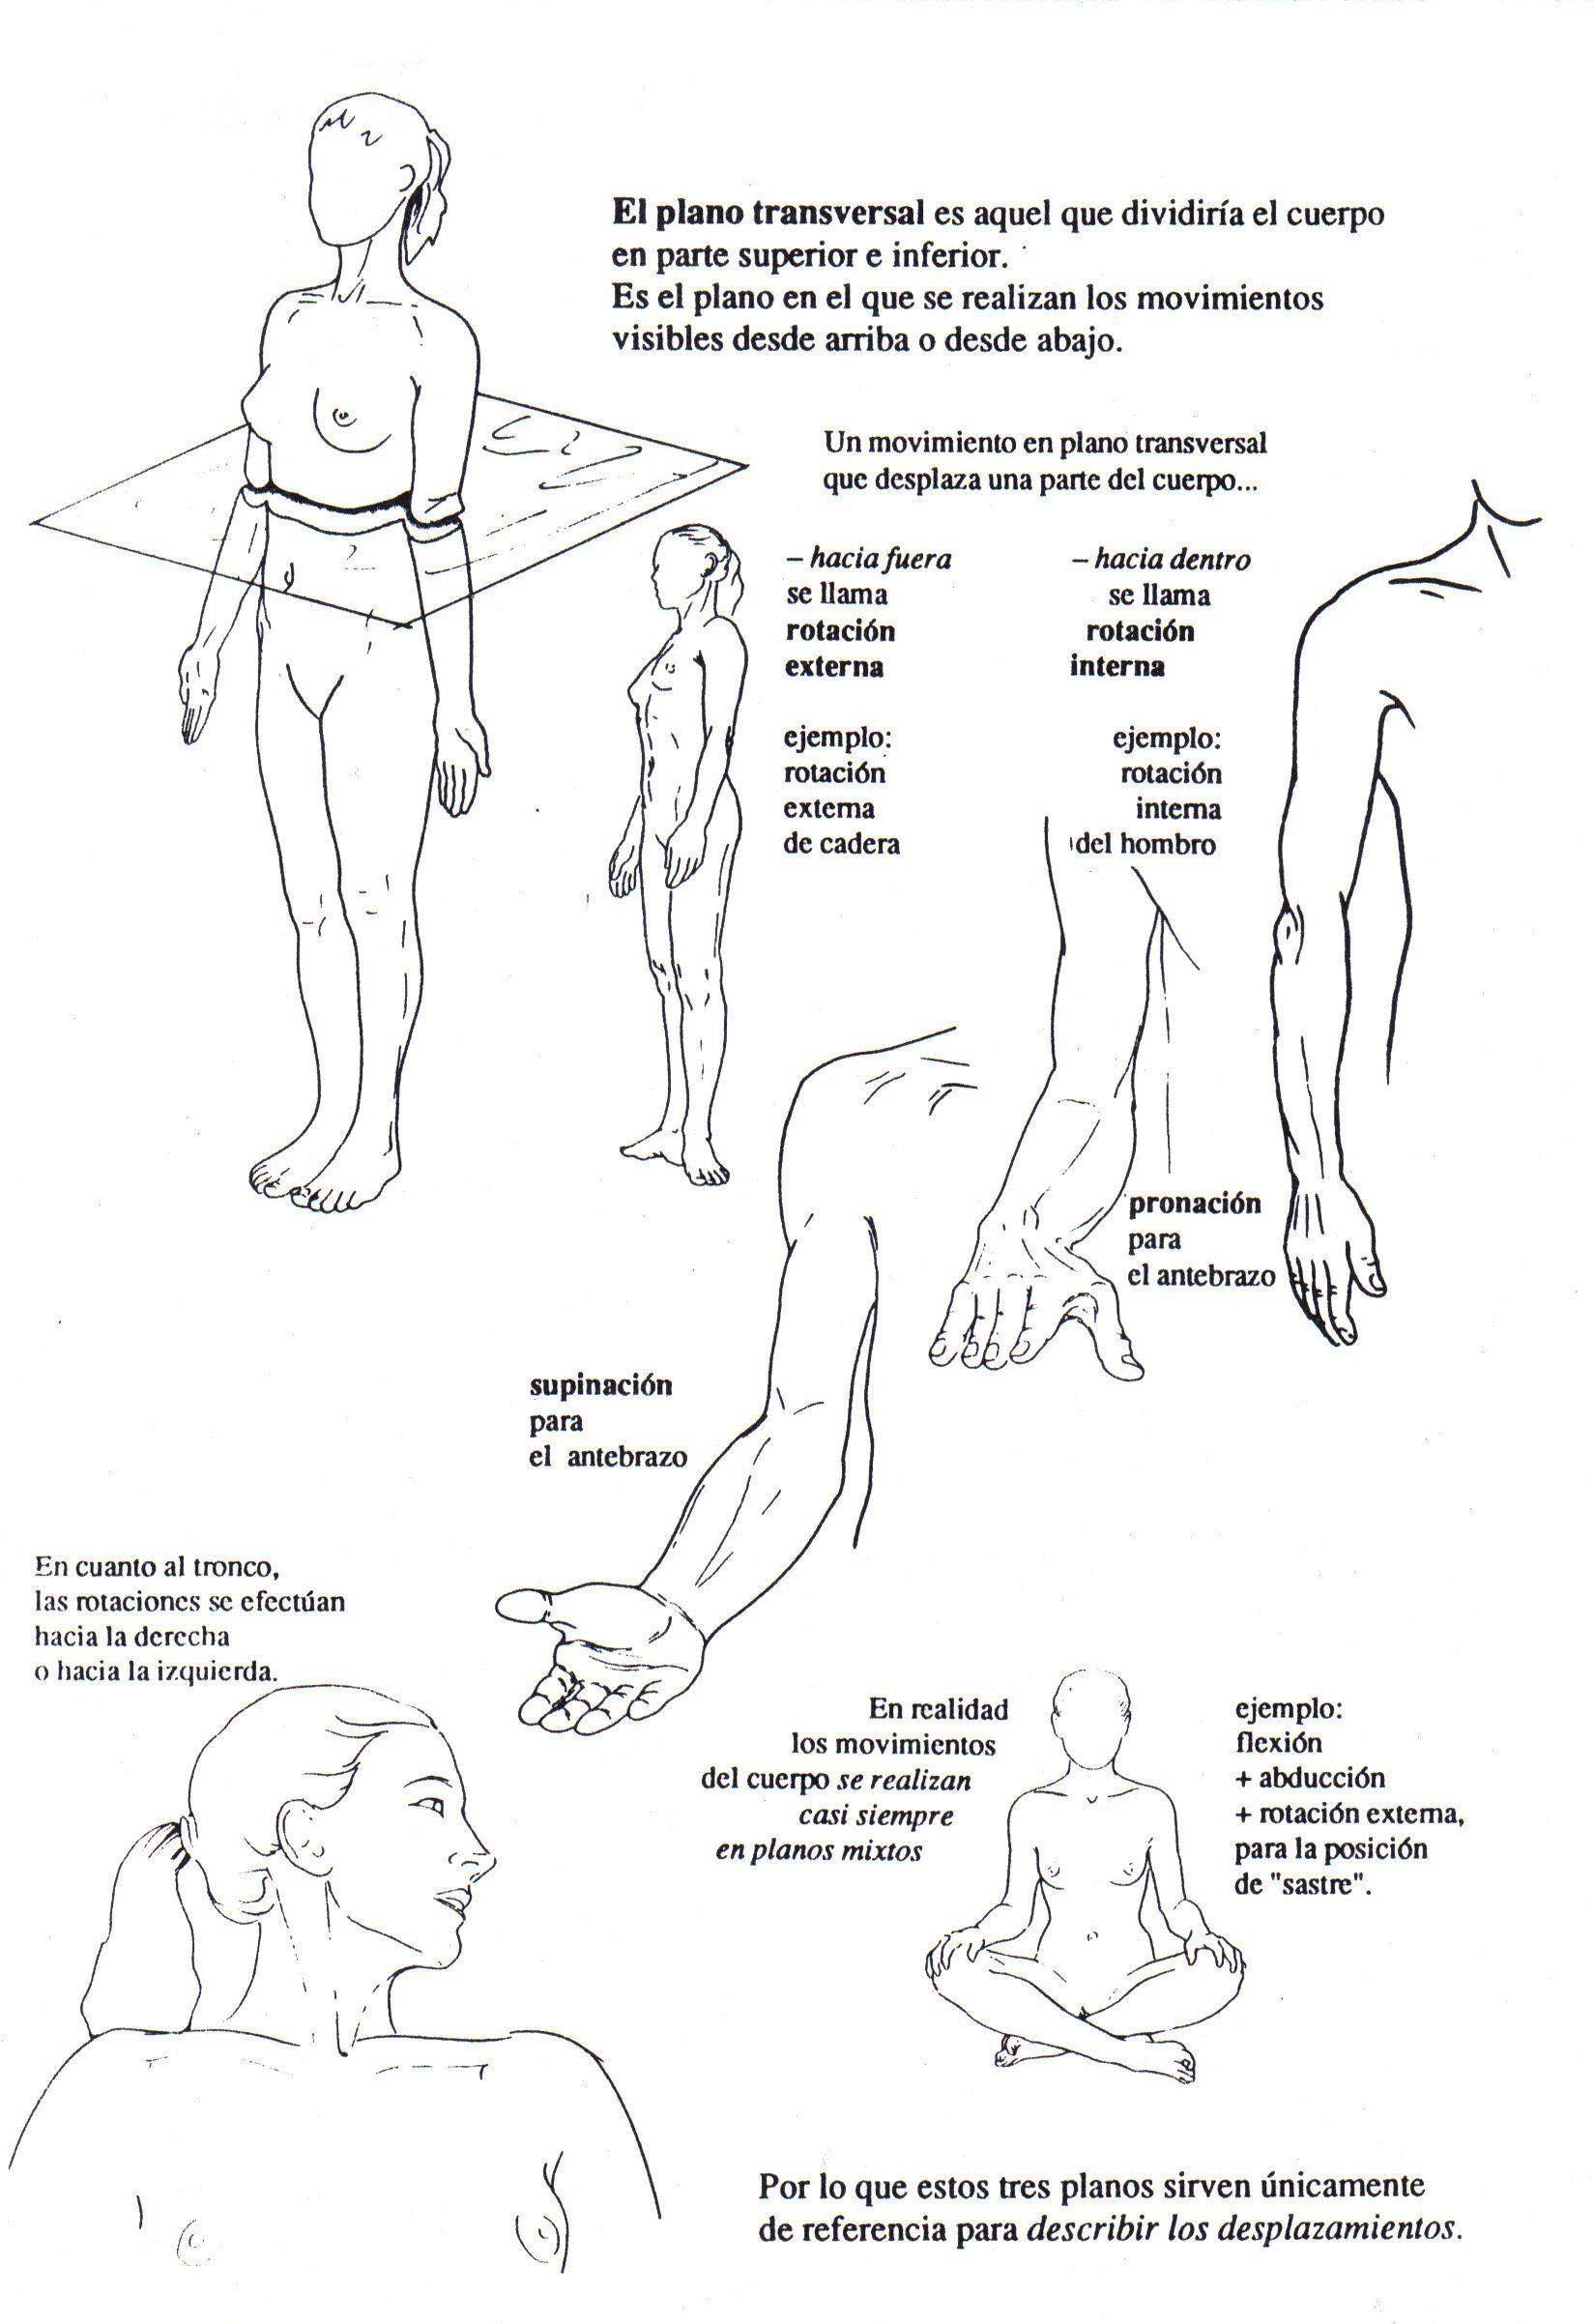 Planos del cuerpo | Anatomia | Pinterest | El cuerpo, Planos y Cuerpo